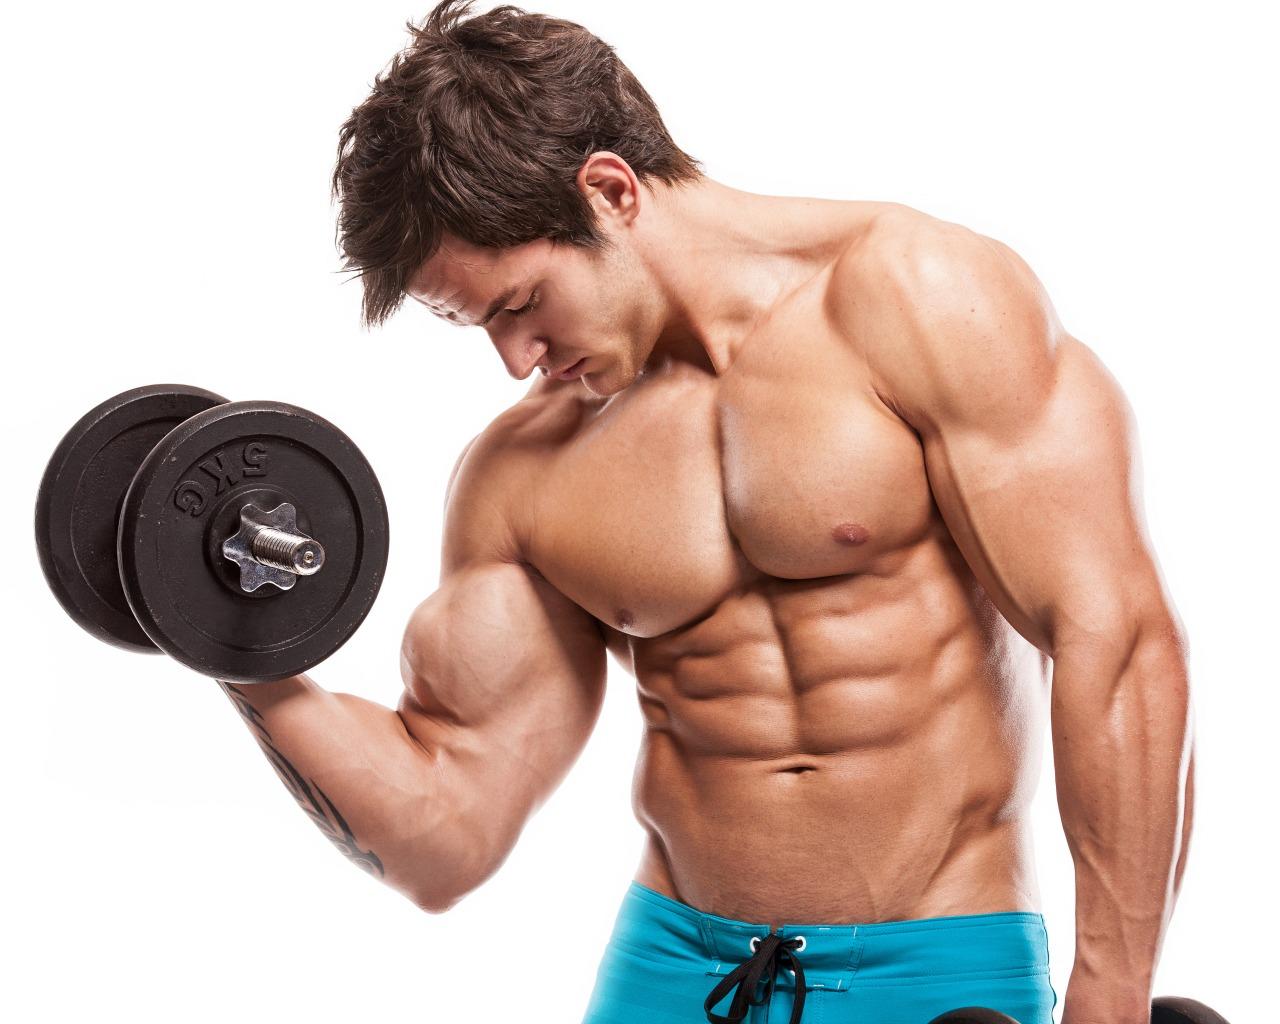 fájdalom a kézízületben edzés közben chondroitin glucosamine akos